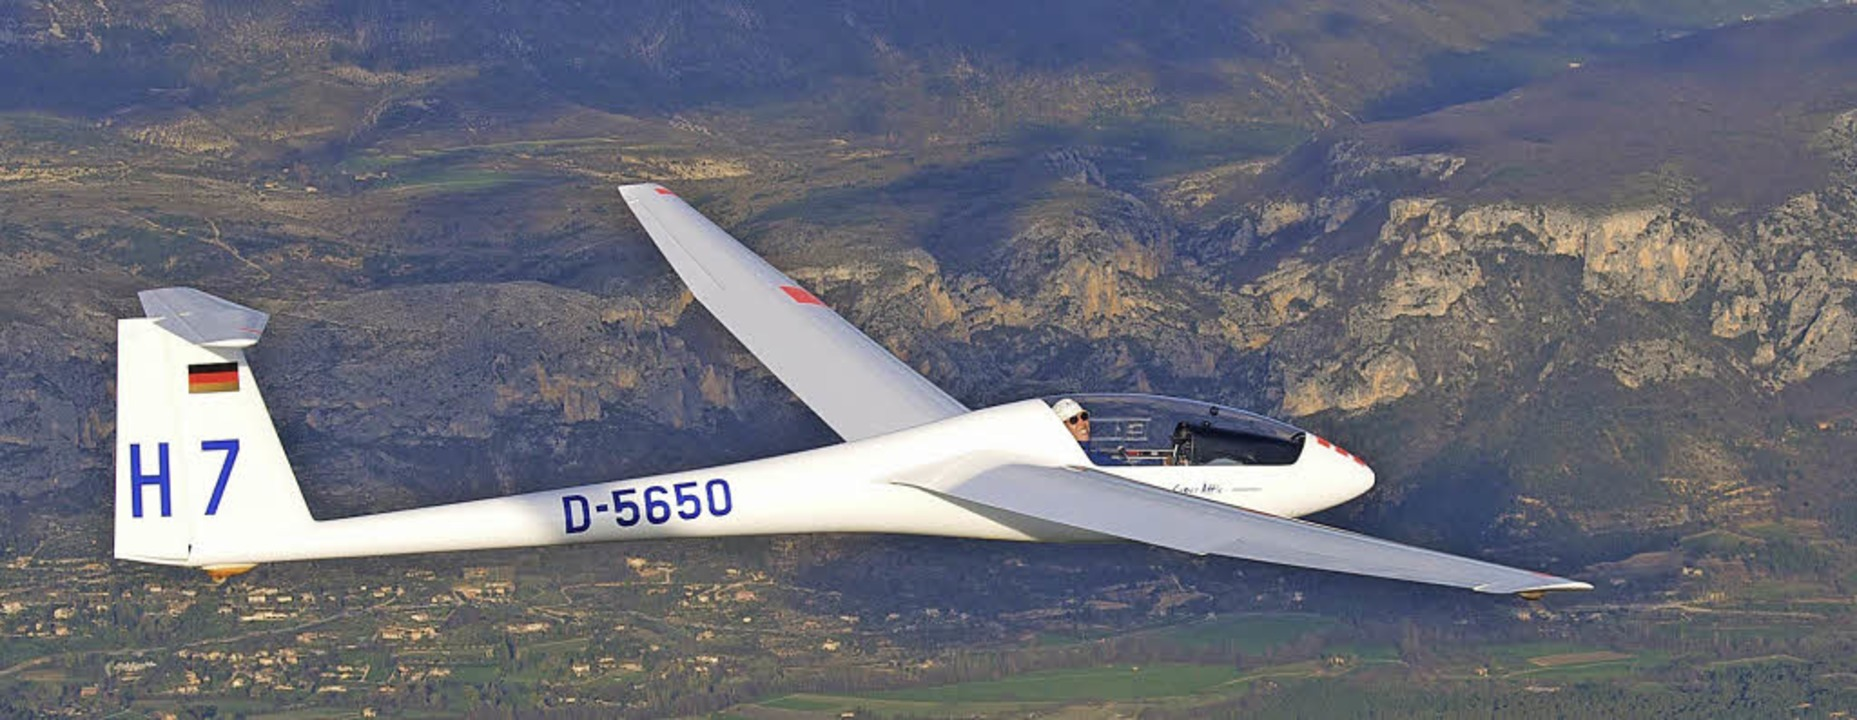 Tolle Ausblicke, eine beeindruckende S...egelflugzeug lässt kaum jemanden kalt.  | Foto: Bernhard Egger